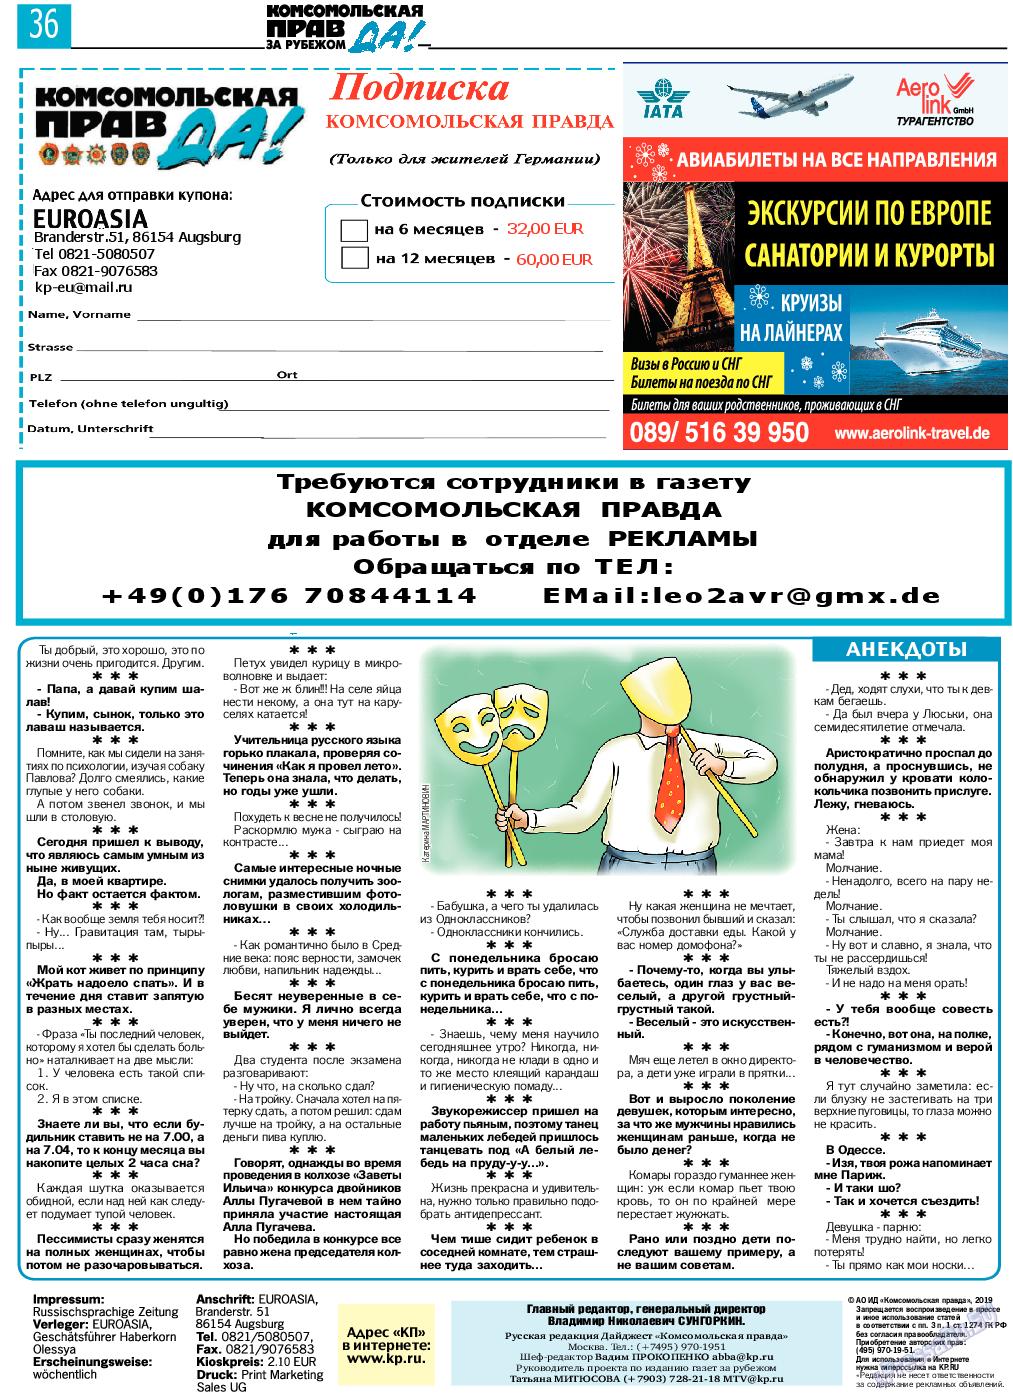 КП в Европе (газета). 2019 год, номер 23, стр. 36